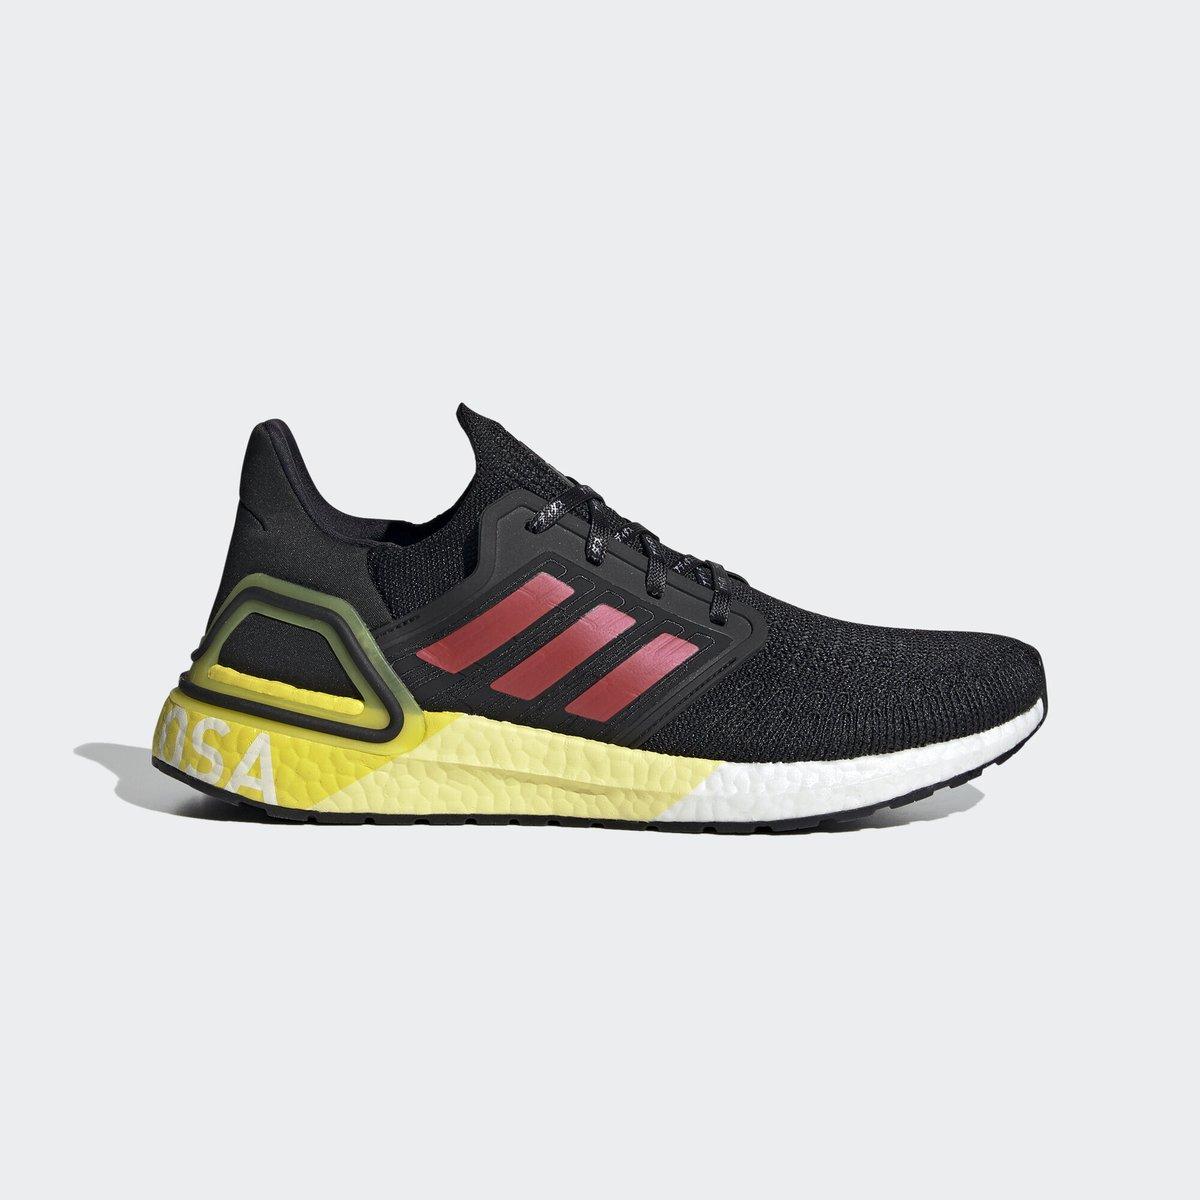 Ultra Boost 20,UB20,发售 麻将跑鞋真是第一次见!Ultra Boost 20 超多新配色来袭!